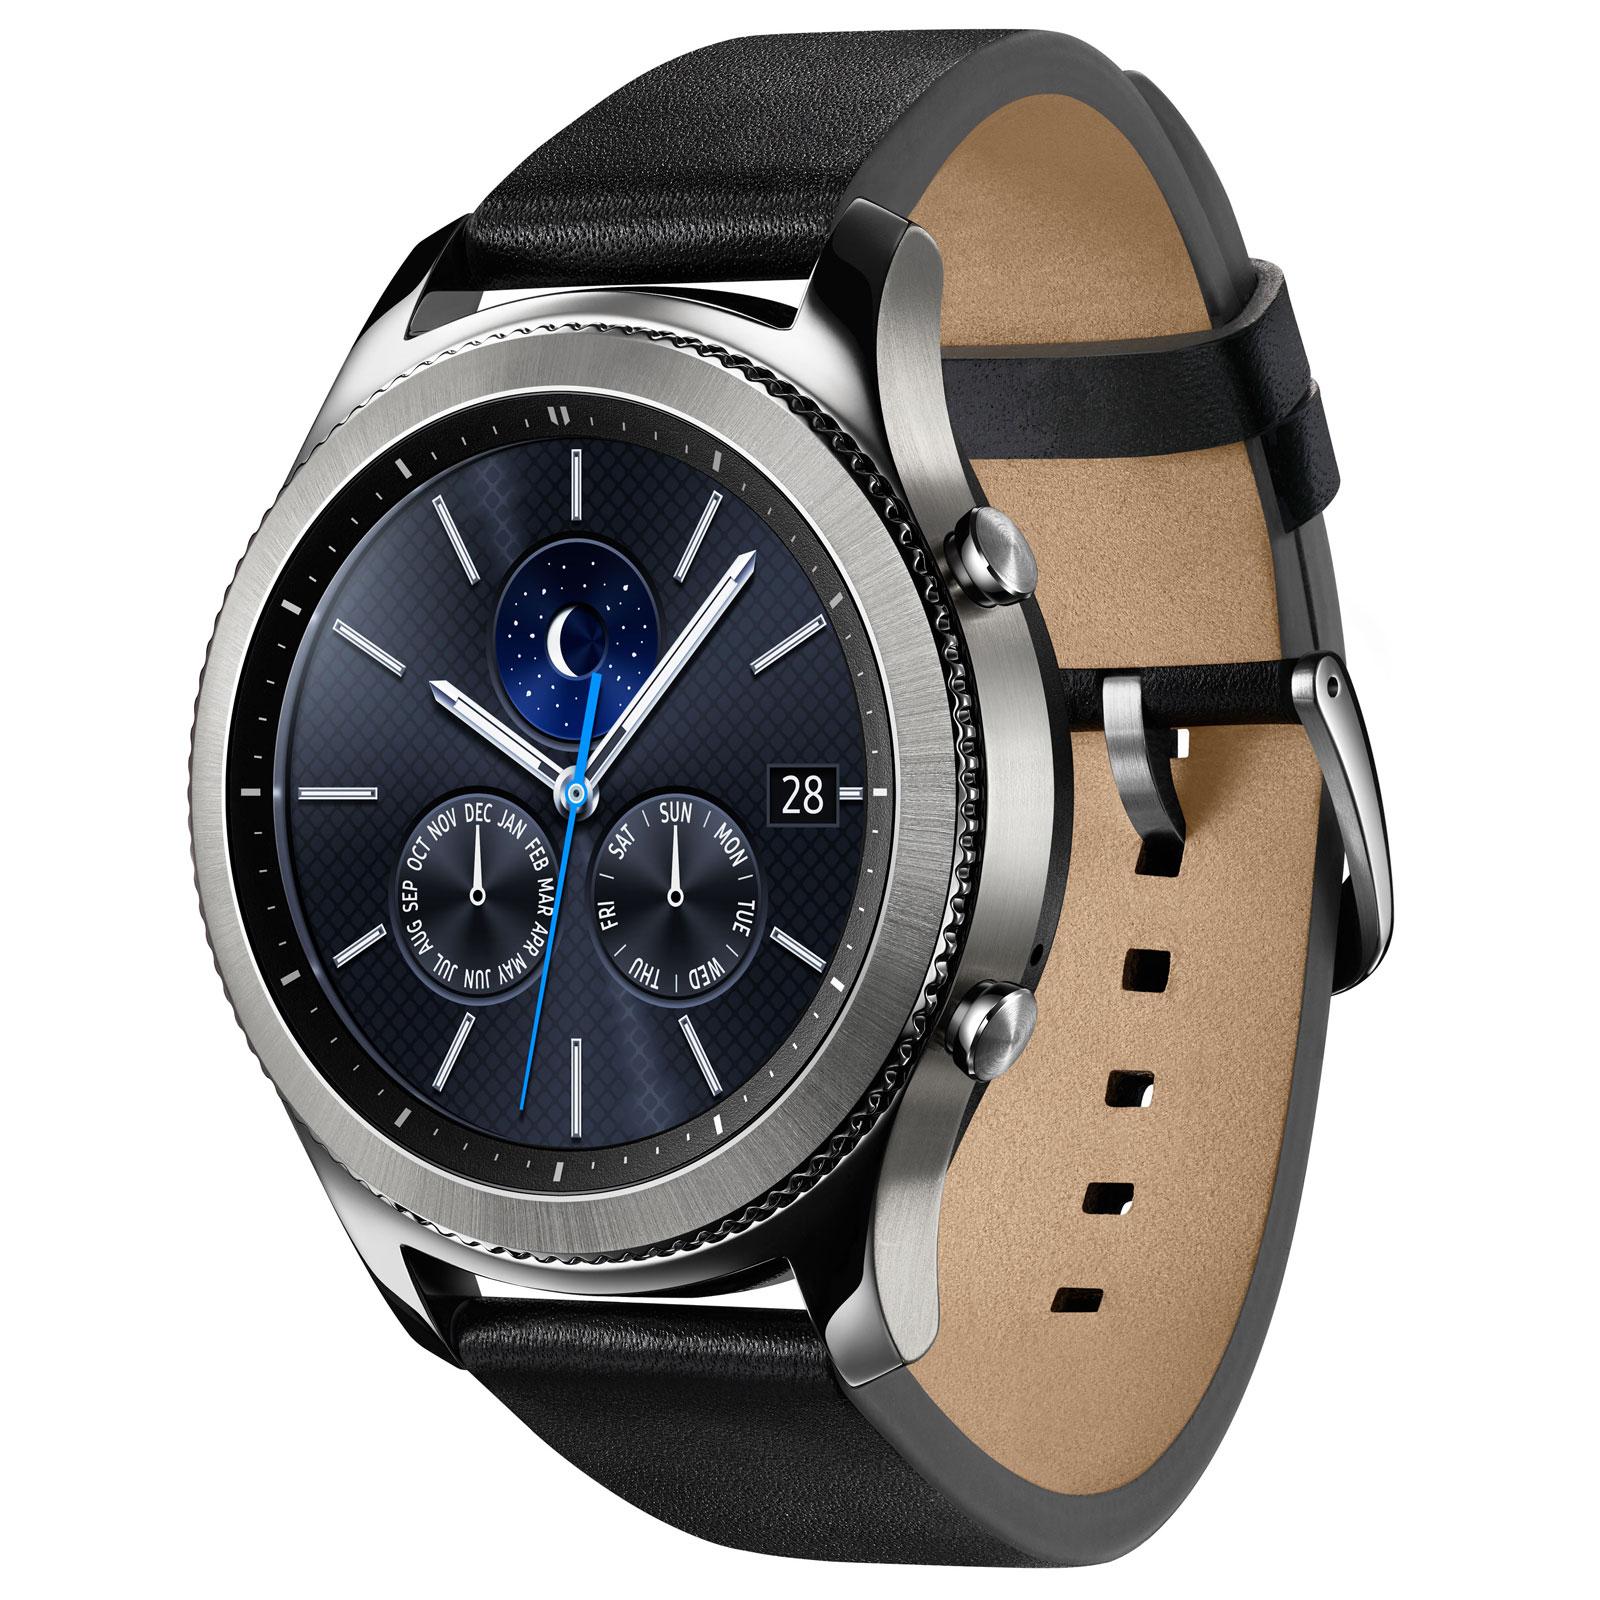 Montre Connectée Samsung Galaxy Gear S3 - Argent + 3 mois d'abonnement Deezer Premium+ (Via ODR de 50€)